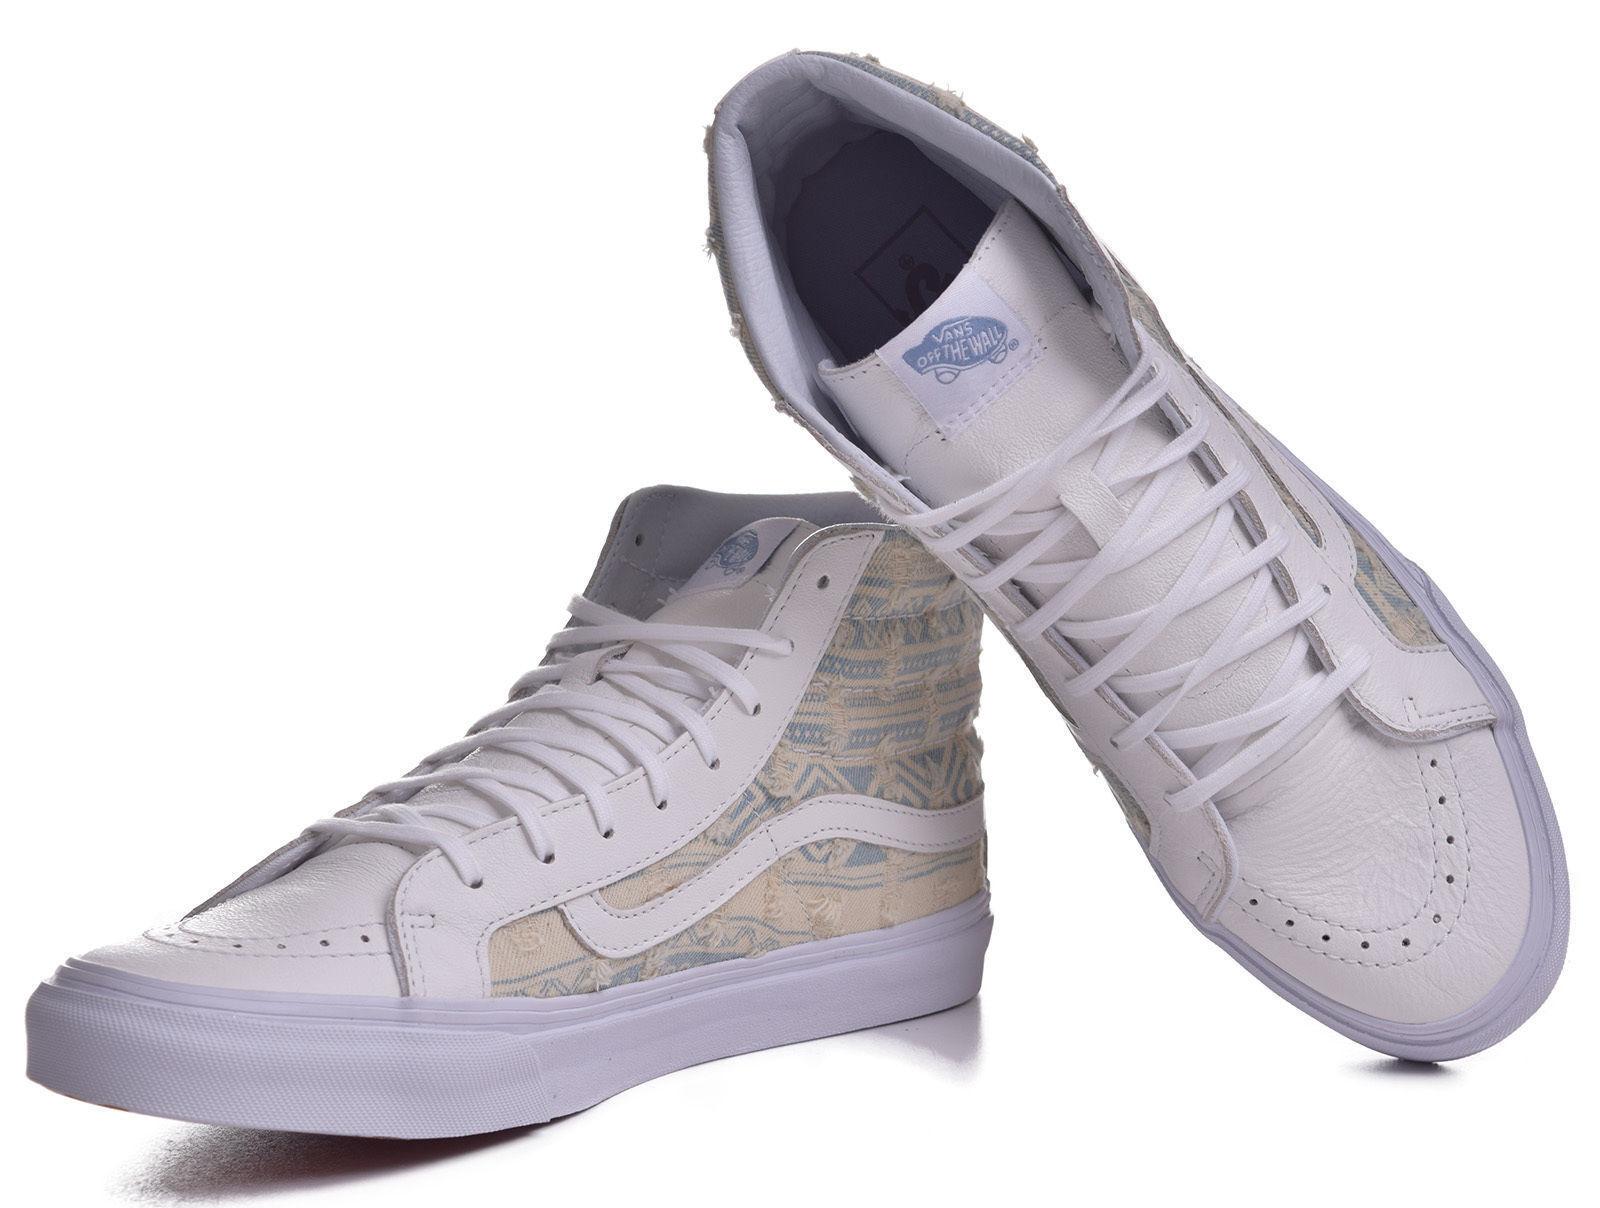 Furgoni sk8 hi slim logorato nativo vero scarpe uomini bianche uomini scarpe a 4.5 donne 6 58dd8e